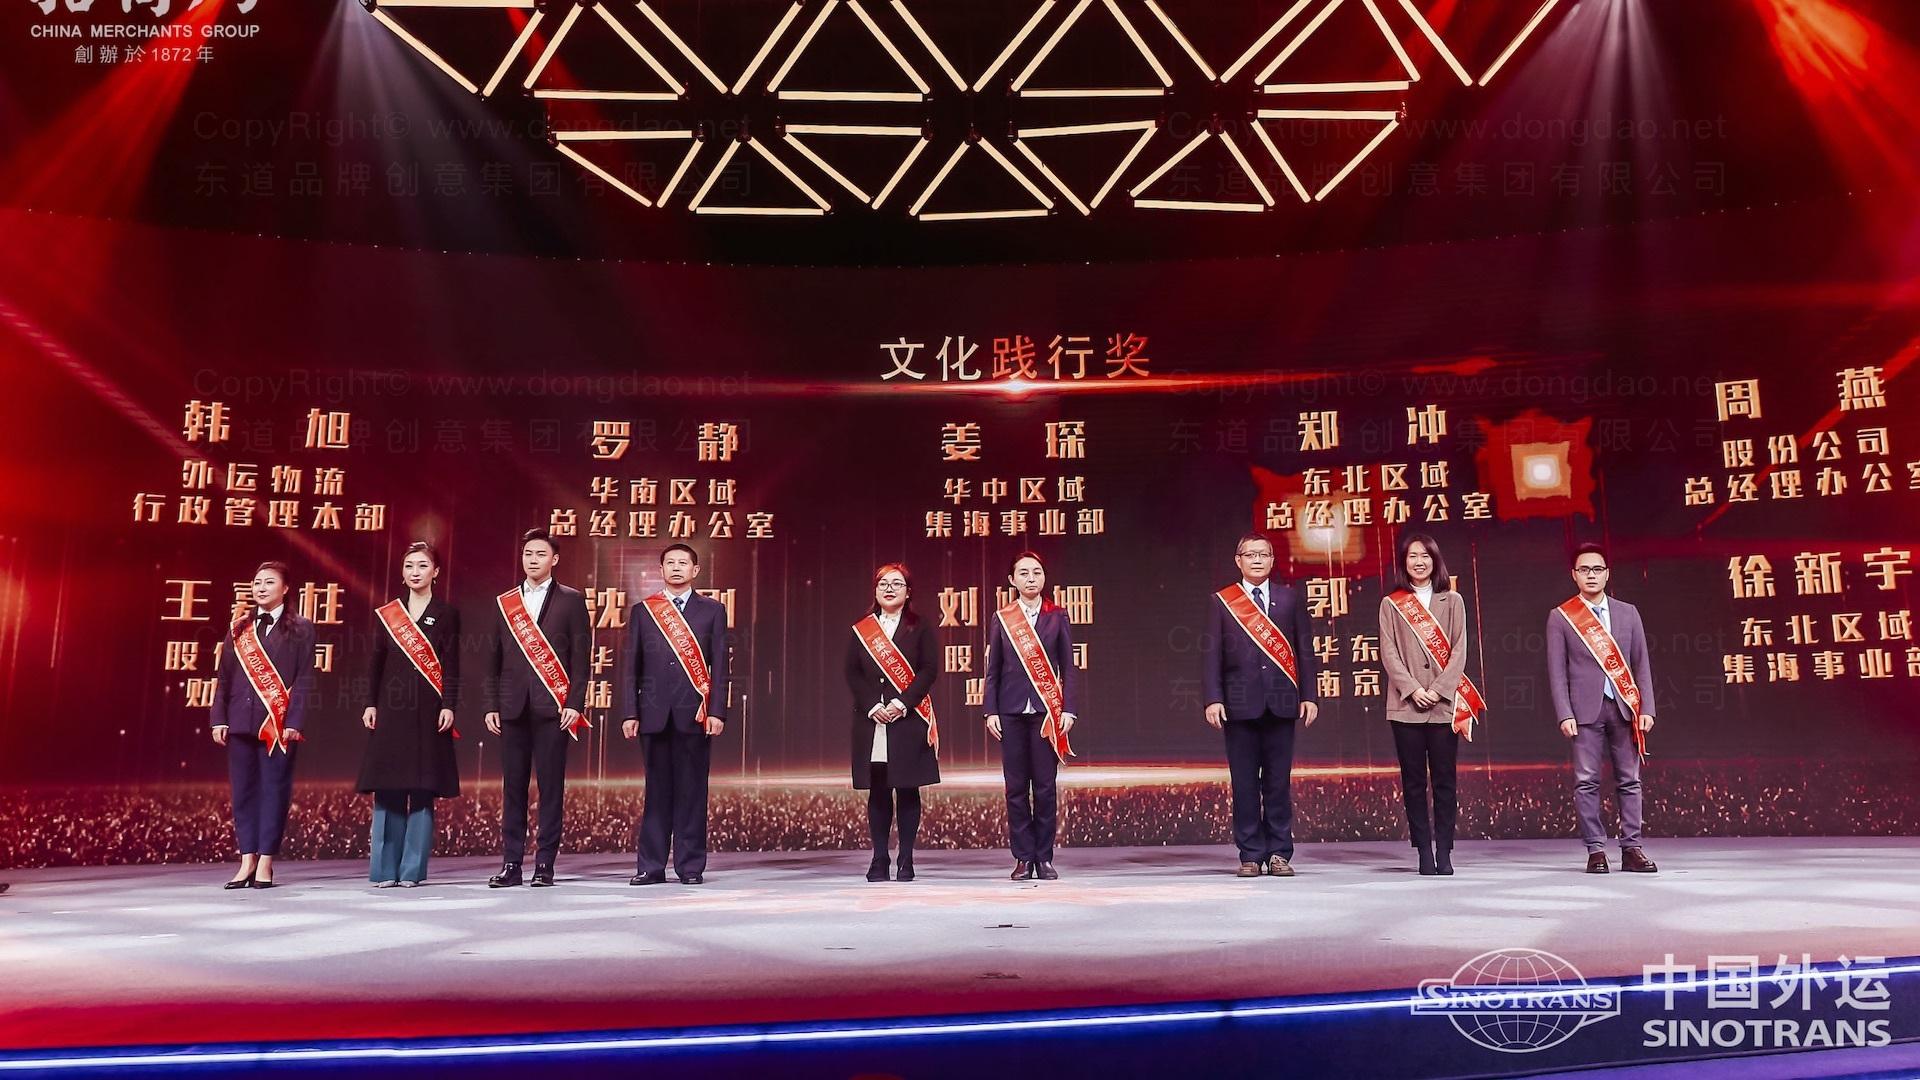 品牌战略&企业文化中国外运企业文化落地项目企业文化手册应用场景_16